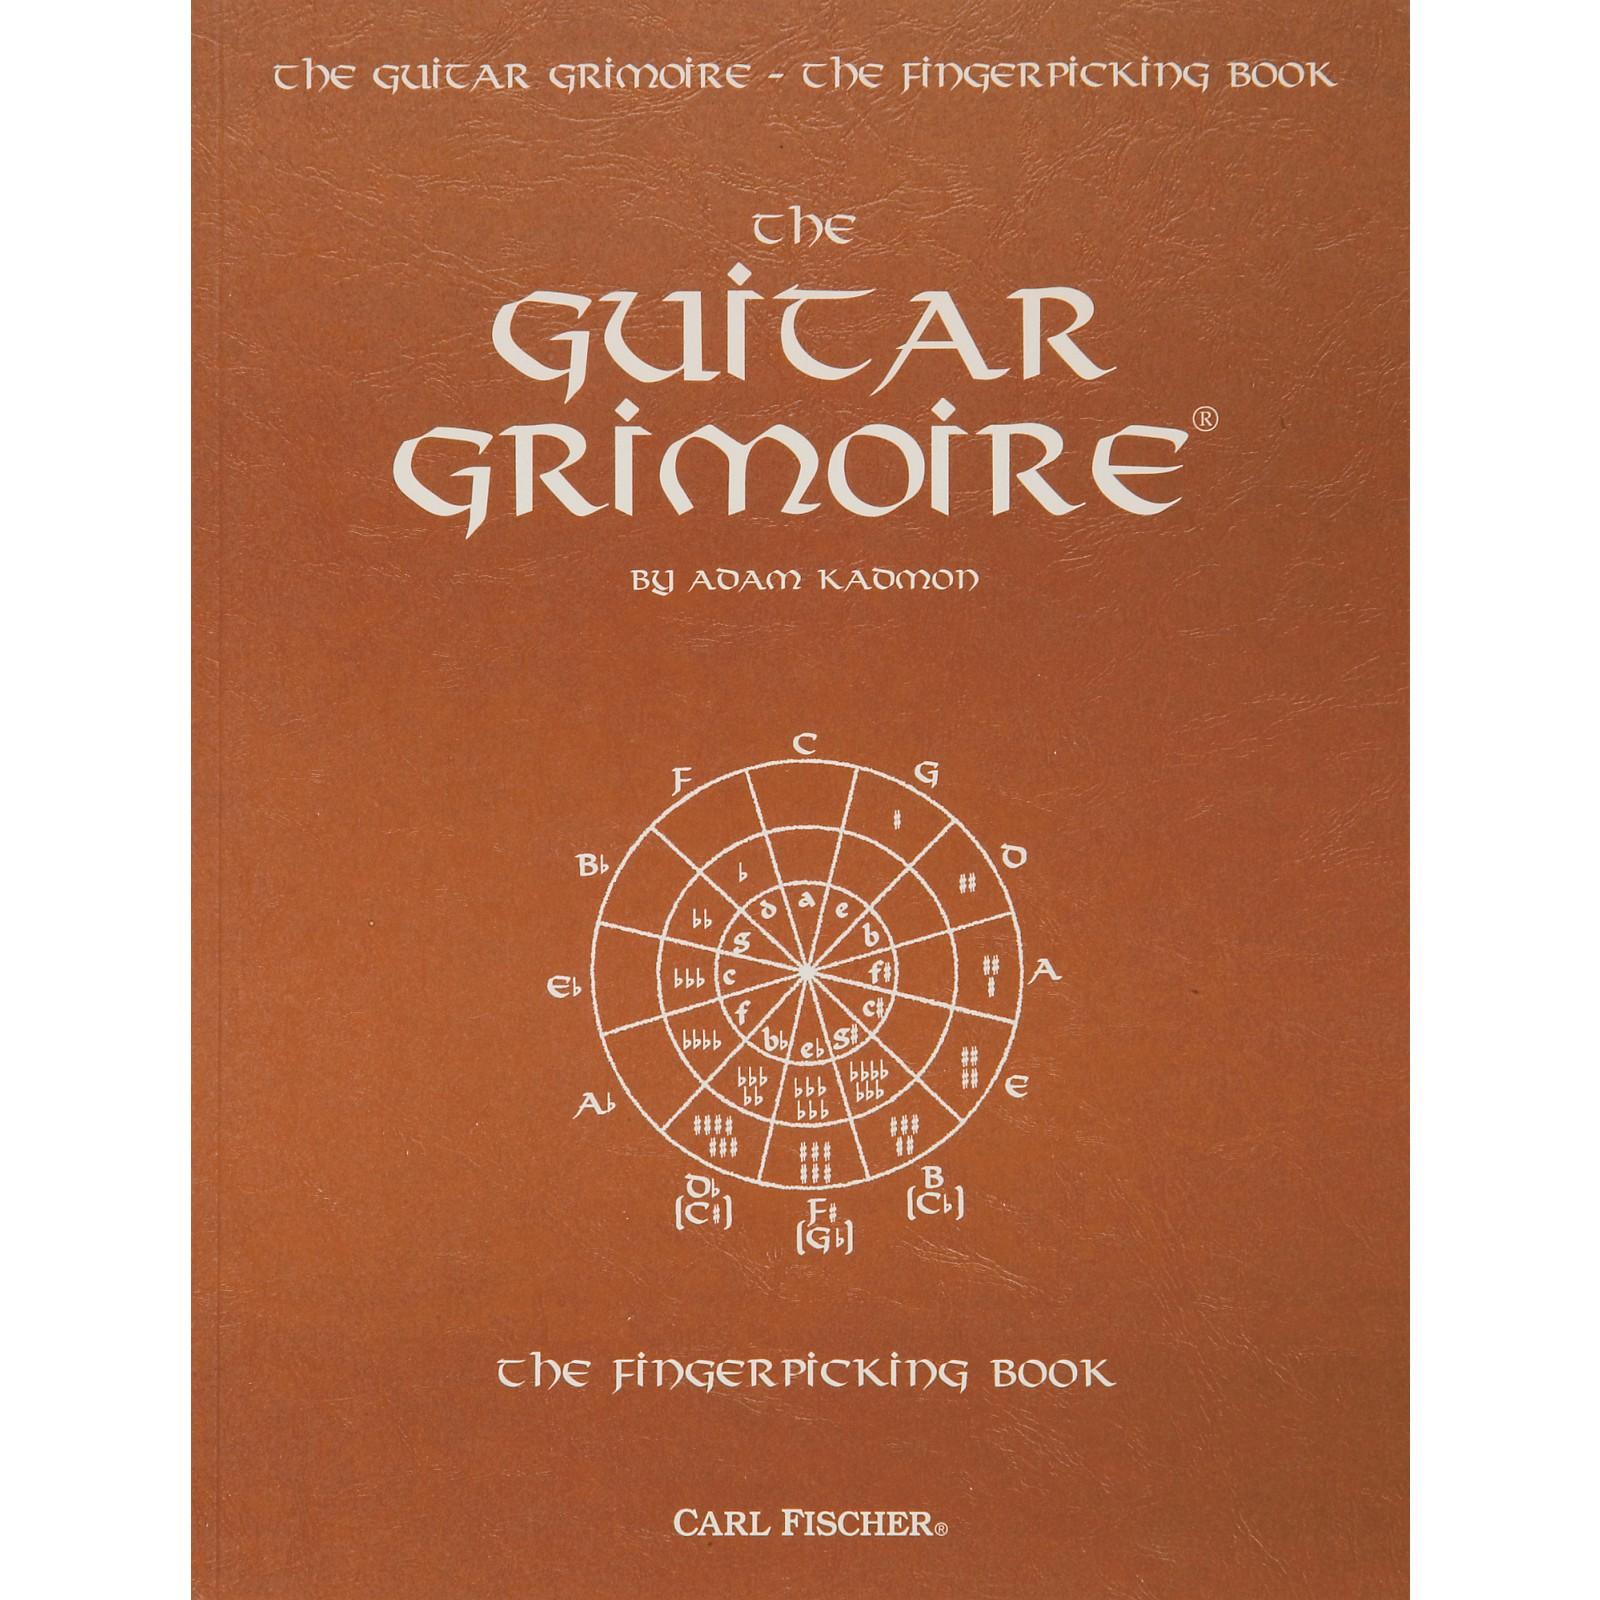 Carl Fischer Guitar Grimoire - The Fingerpicking Book